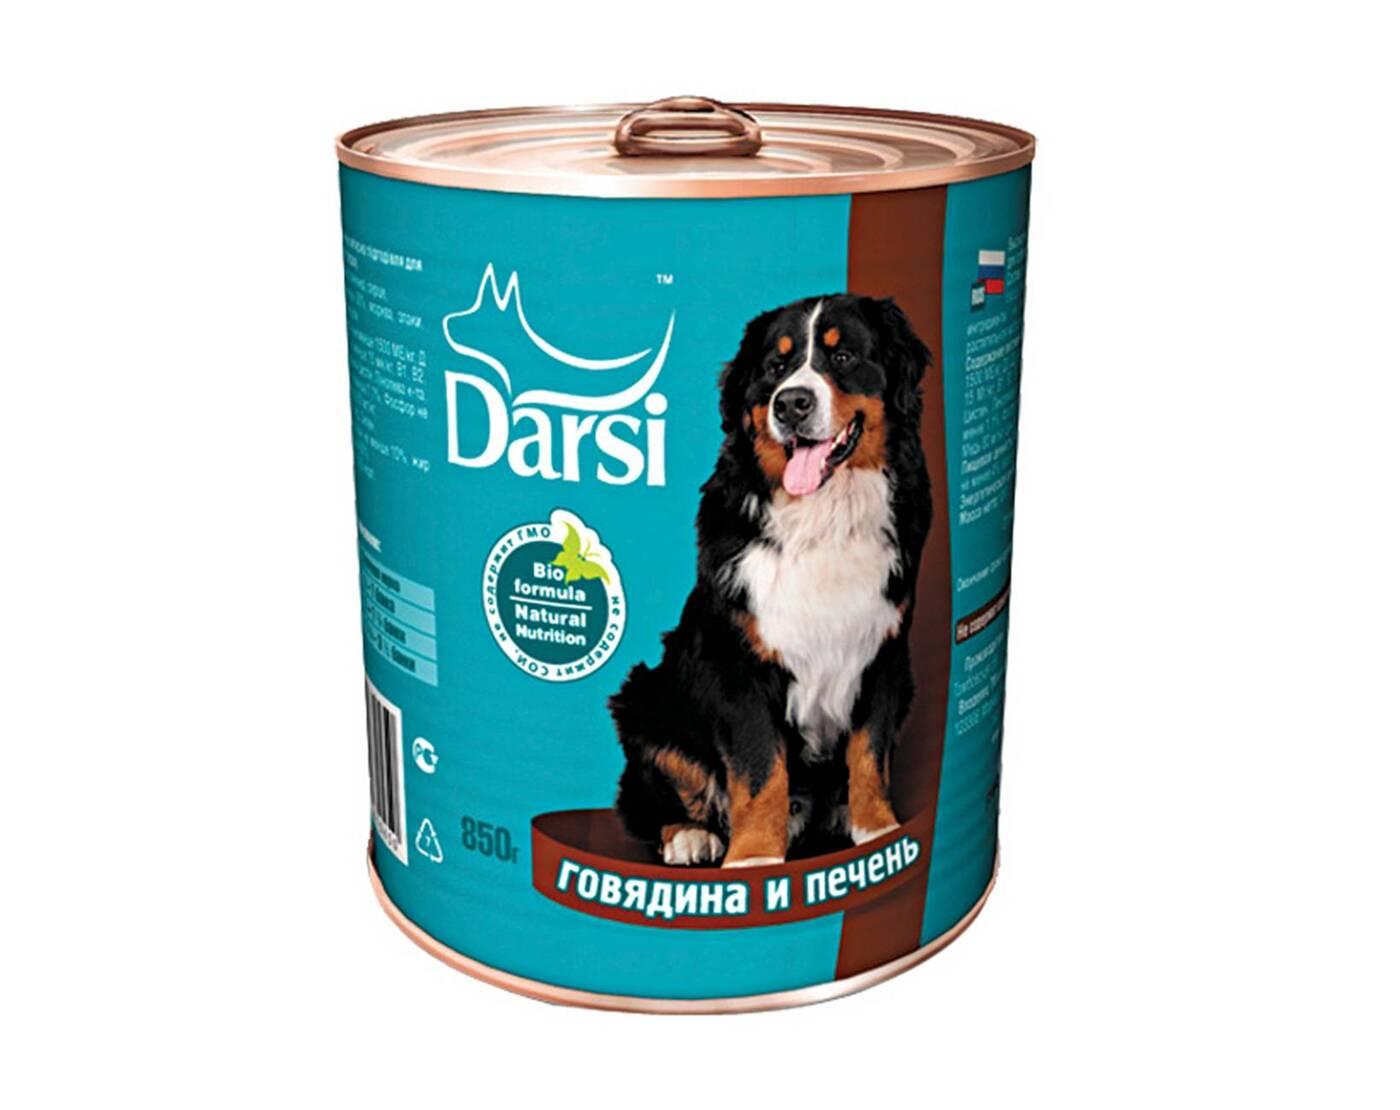 Darsi влажный корм для взрослых cобак средних пород, говядина и печень 850 гр